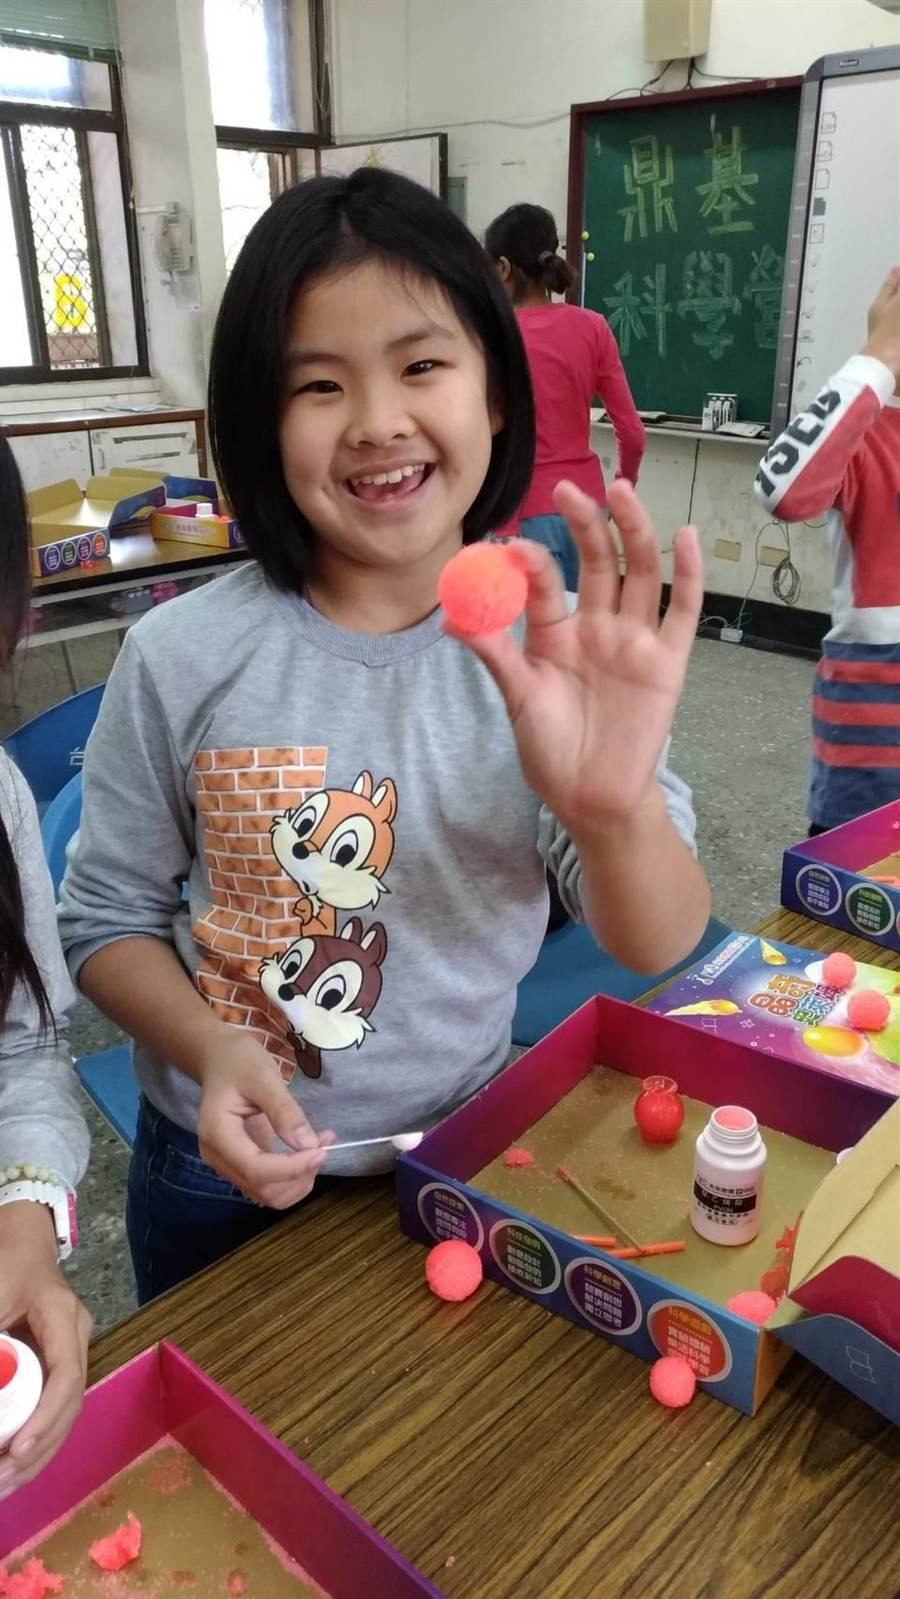 利用合成的原理,小朋友開心的展示自己動手做的彈跳球(鼎基提供)